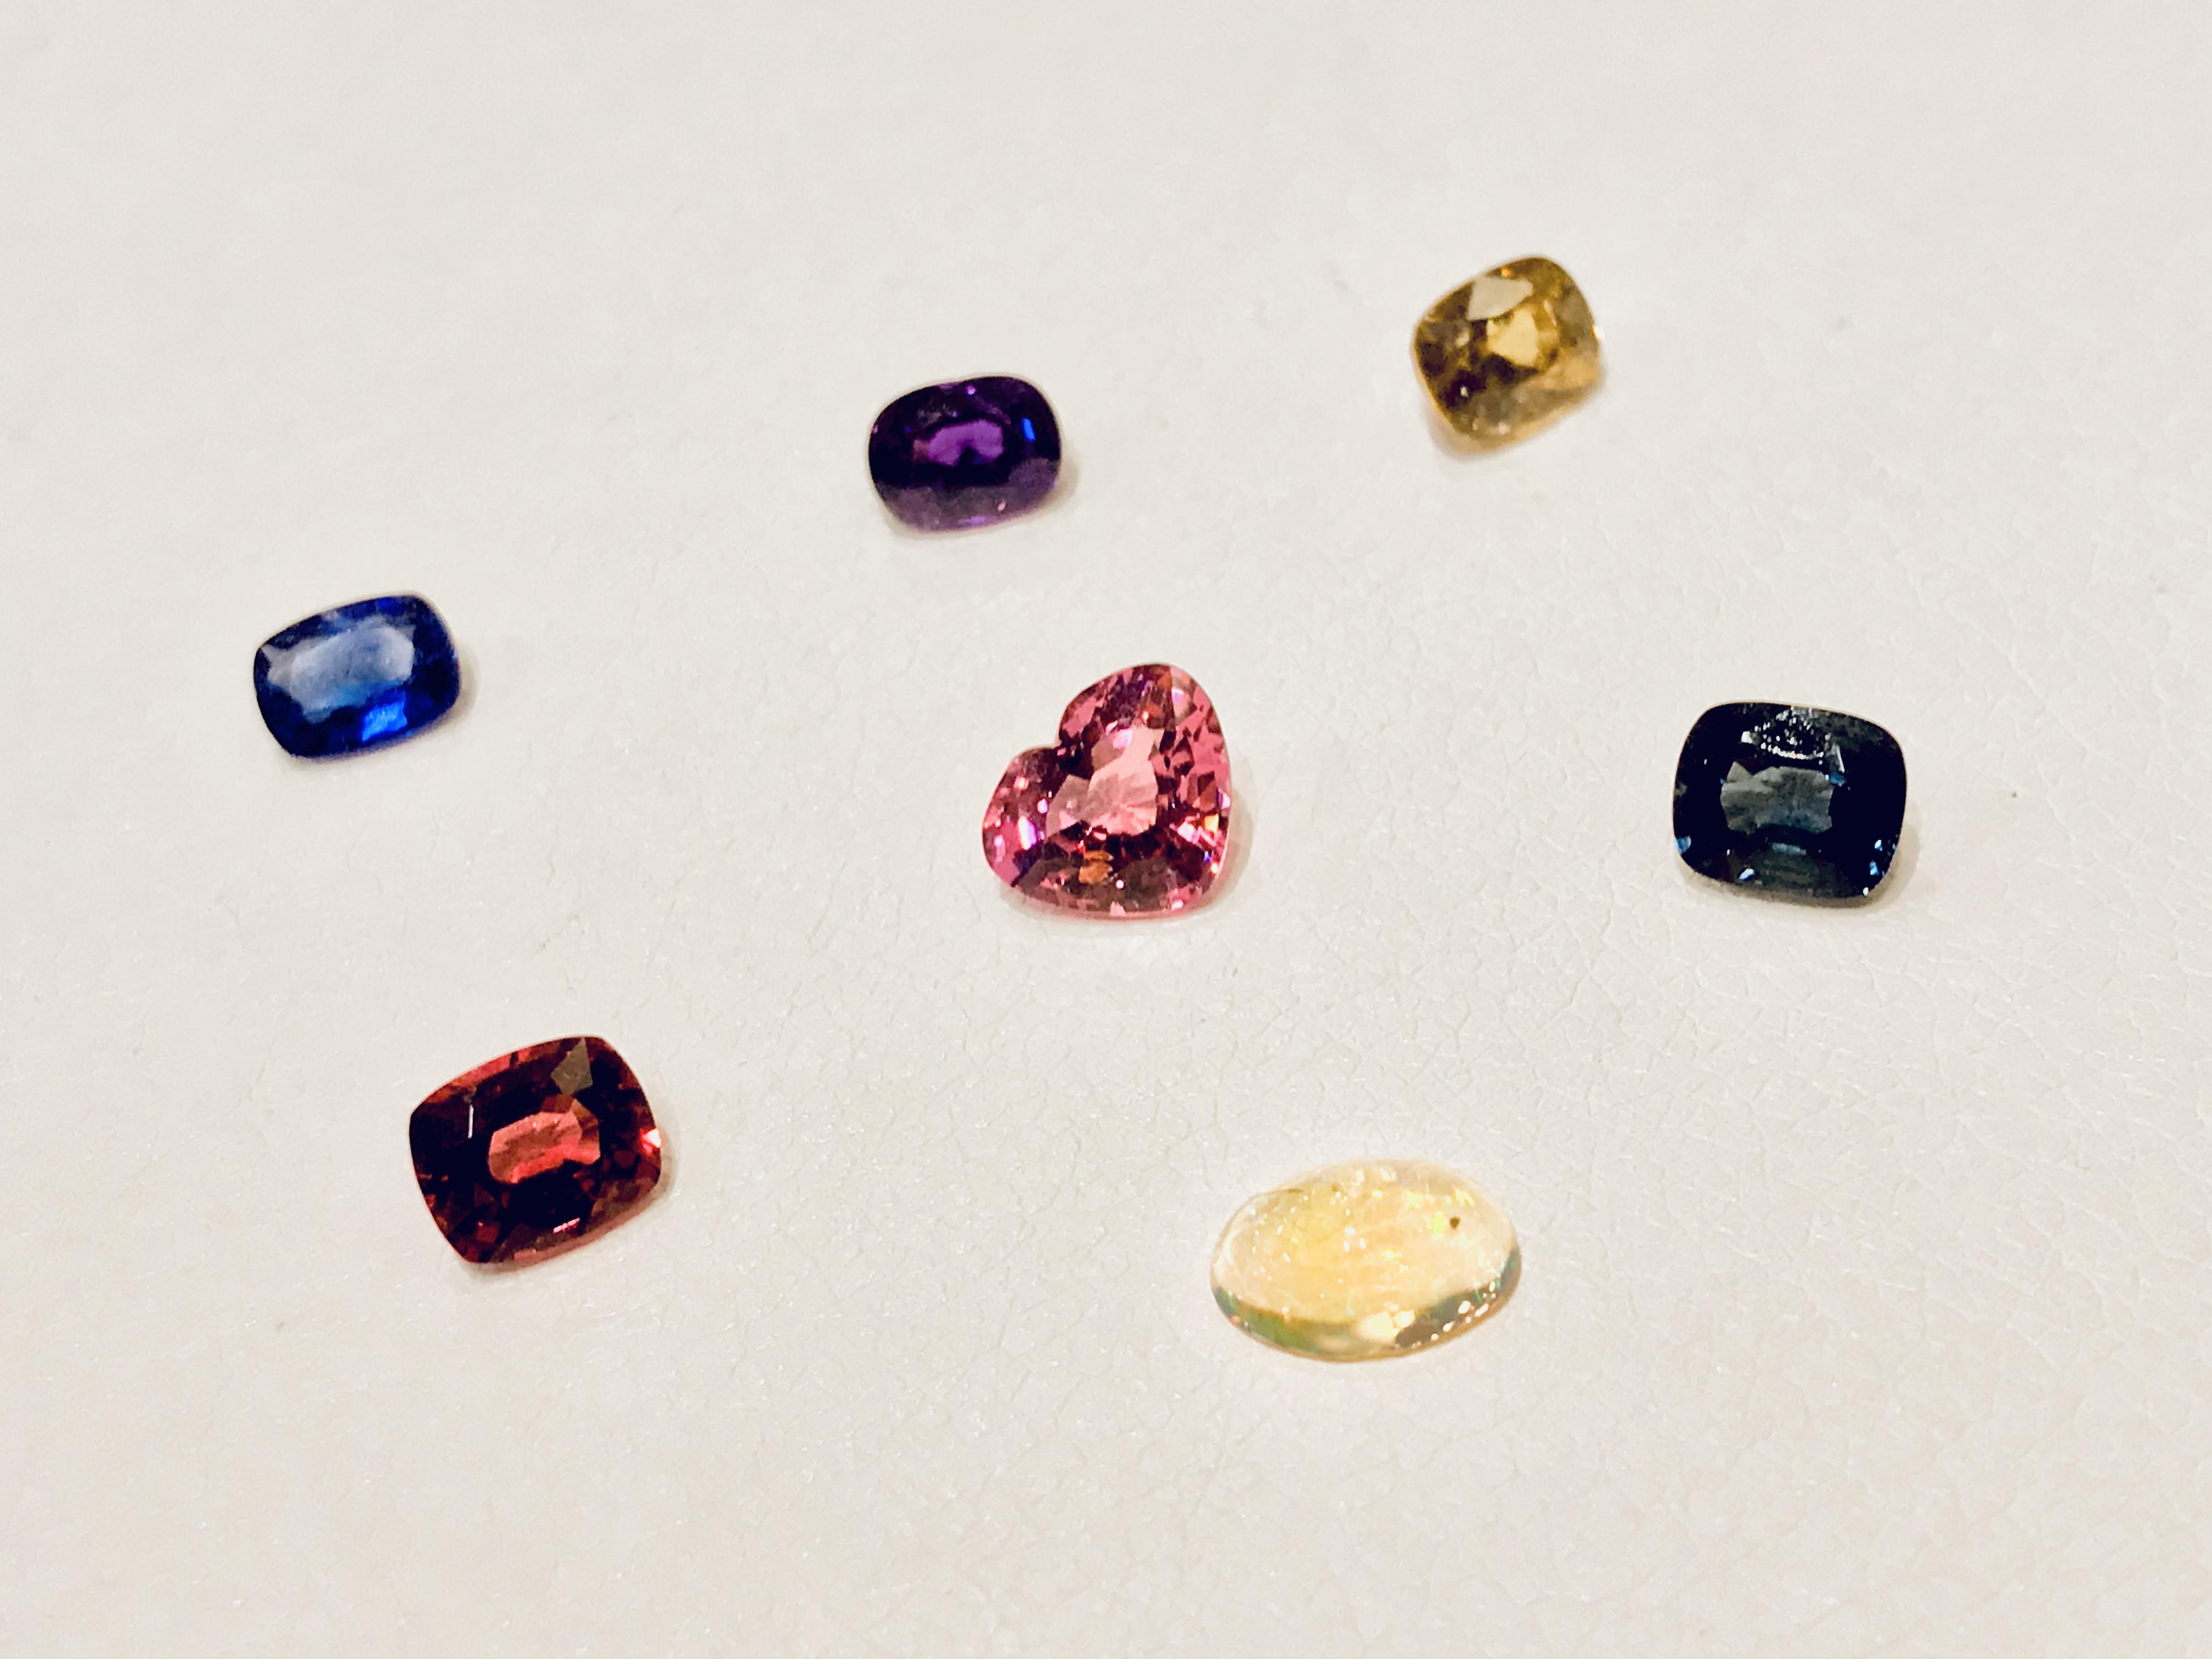 JIKODOの宝石たち(スピネルに魅せられて)